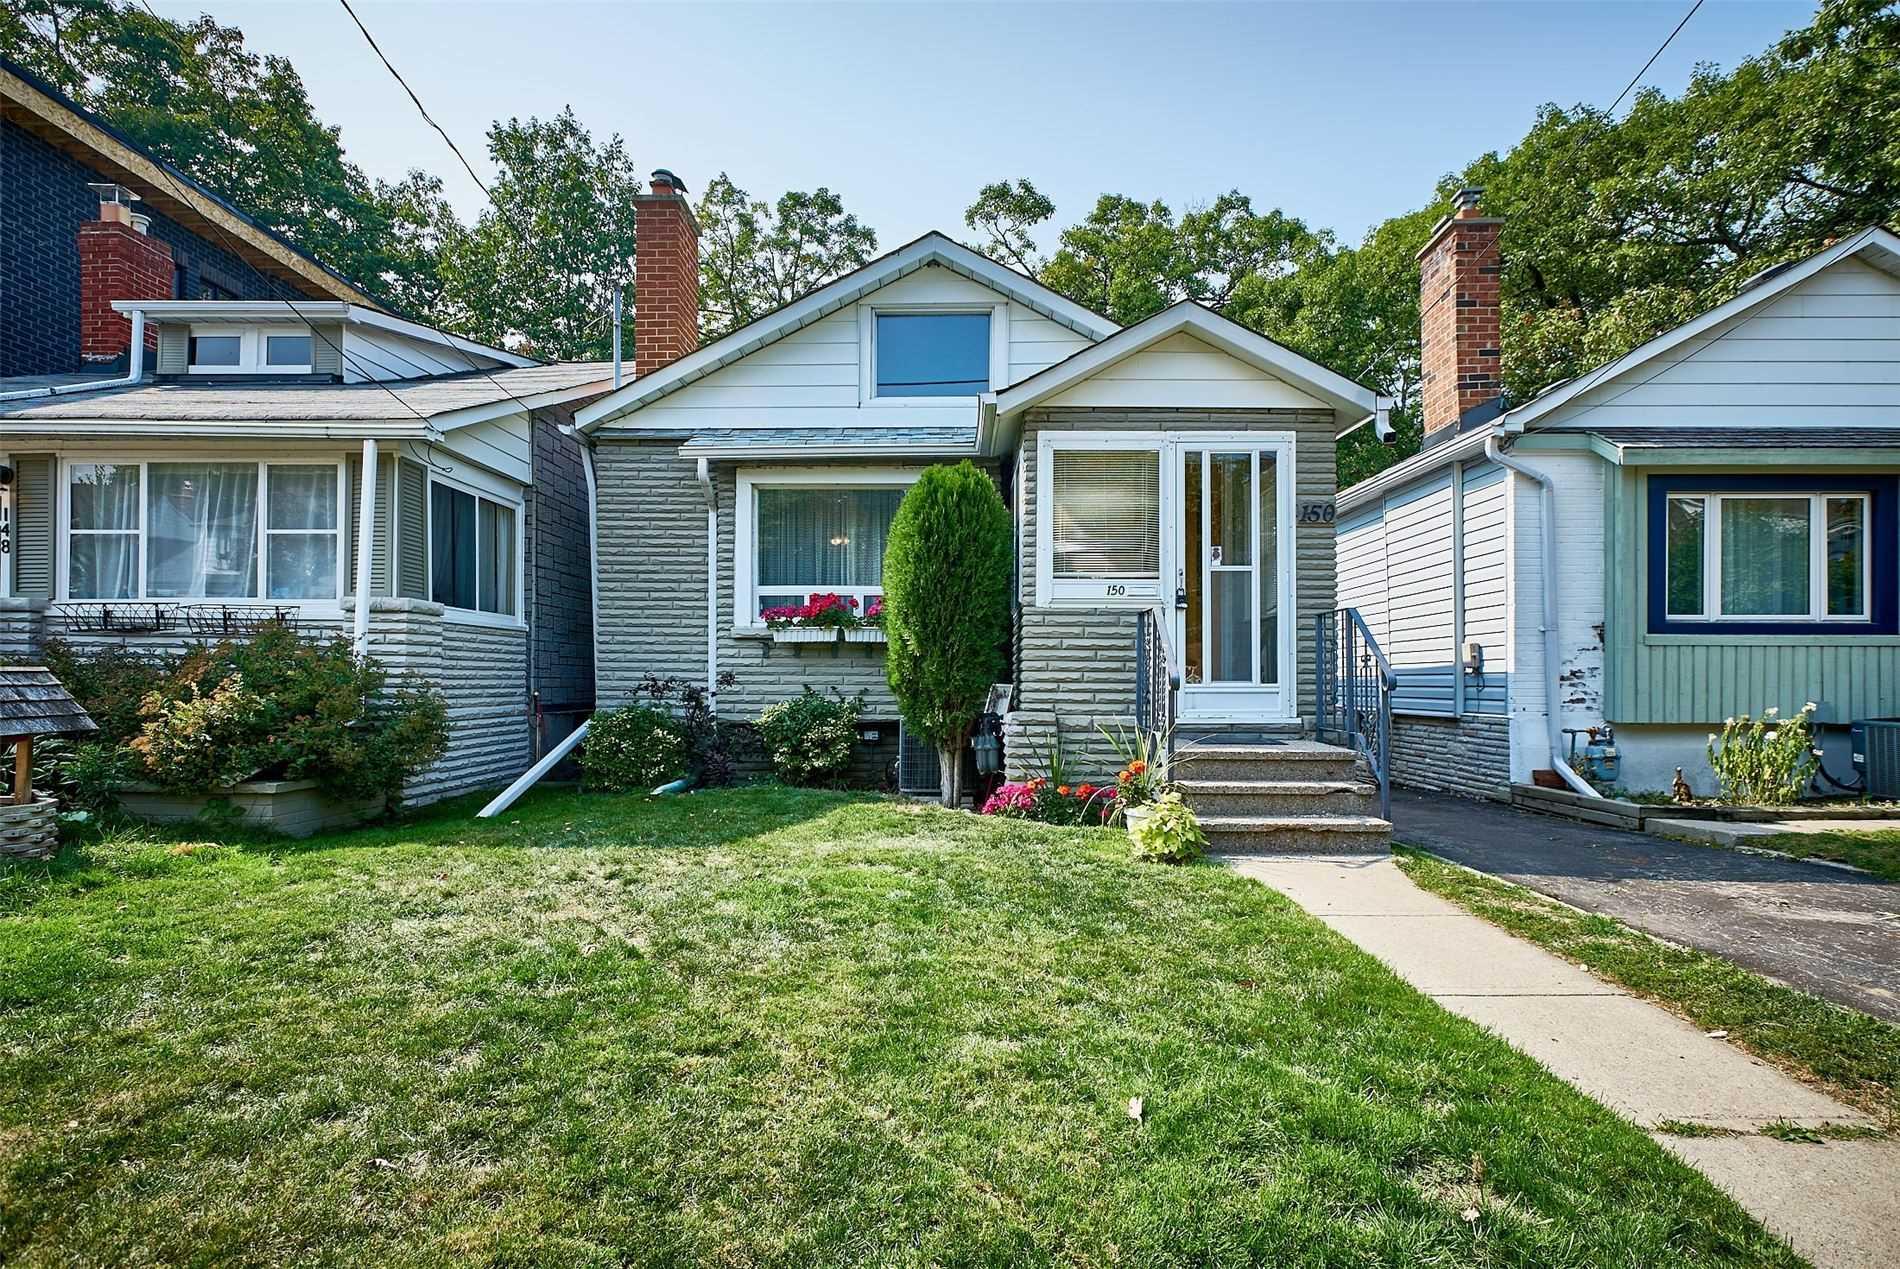 150 Warden Ave, Toronto, Ontario M1N2Z4, 2 Bedrooms Bedrooms, 5 Rooms Rooms,1 BathroomBathrooms,Detached,For Sale,Warden,E4925417